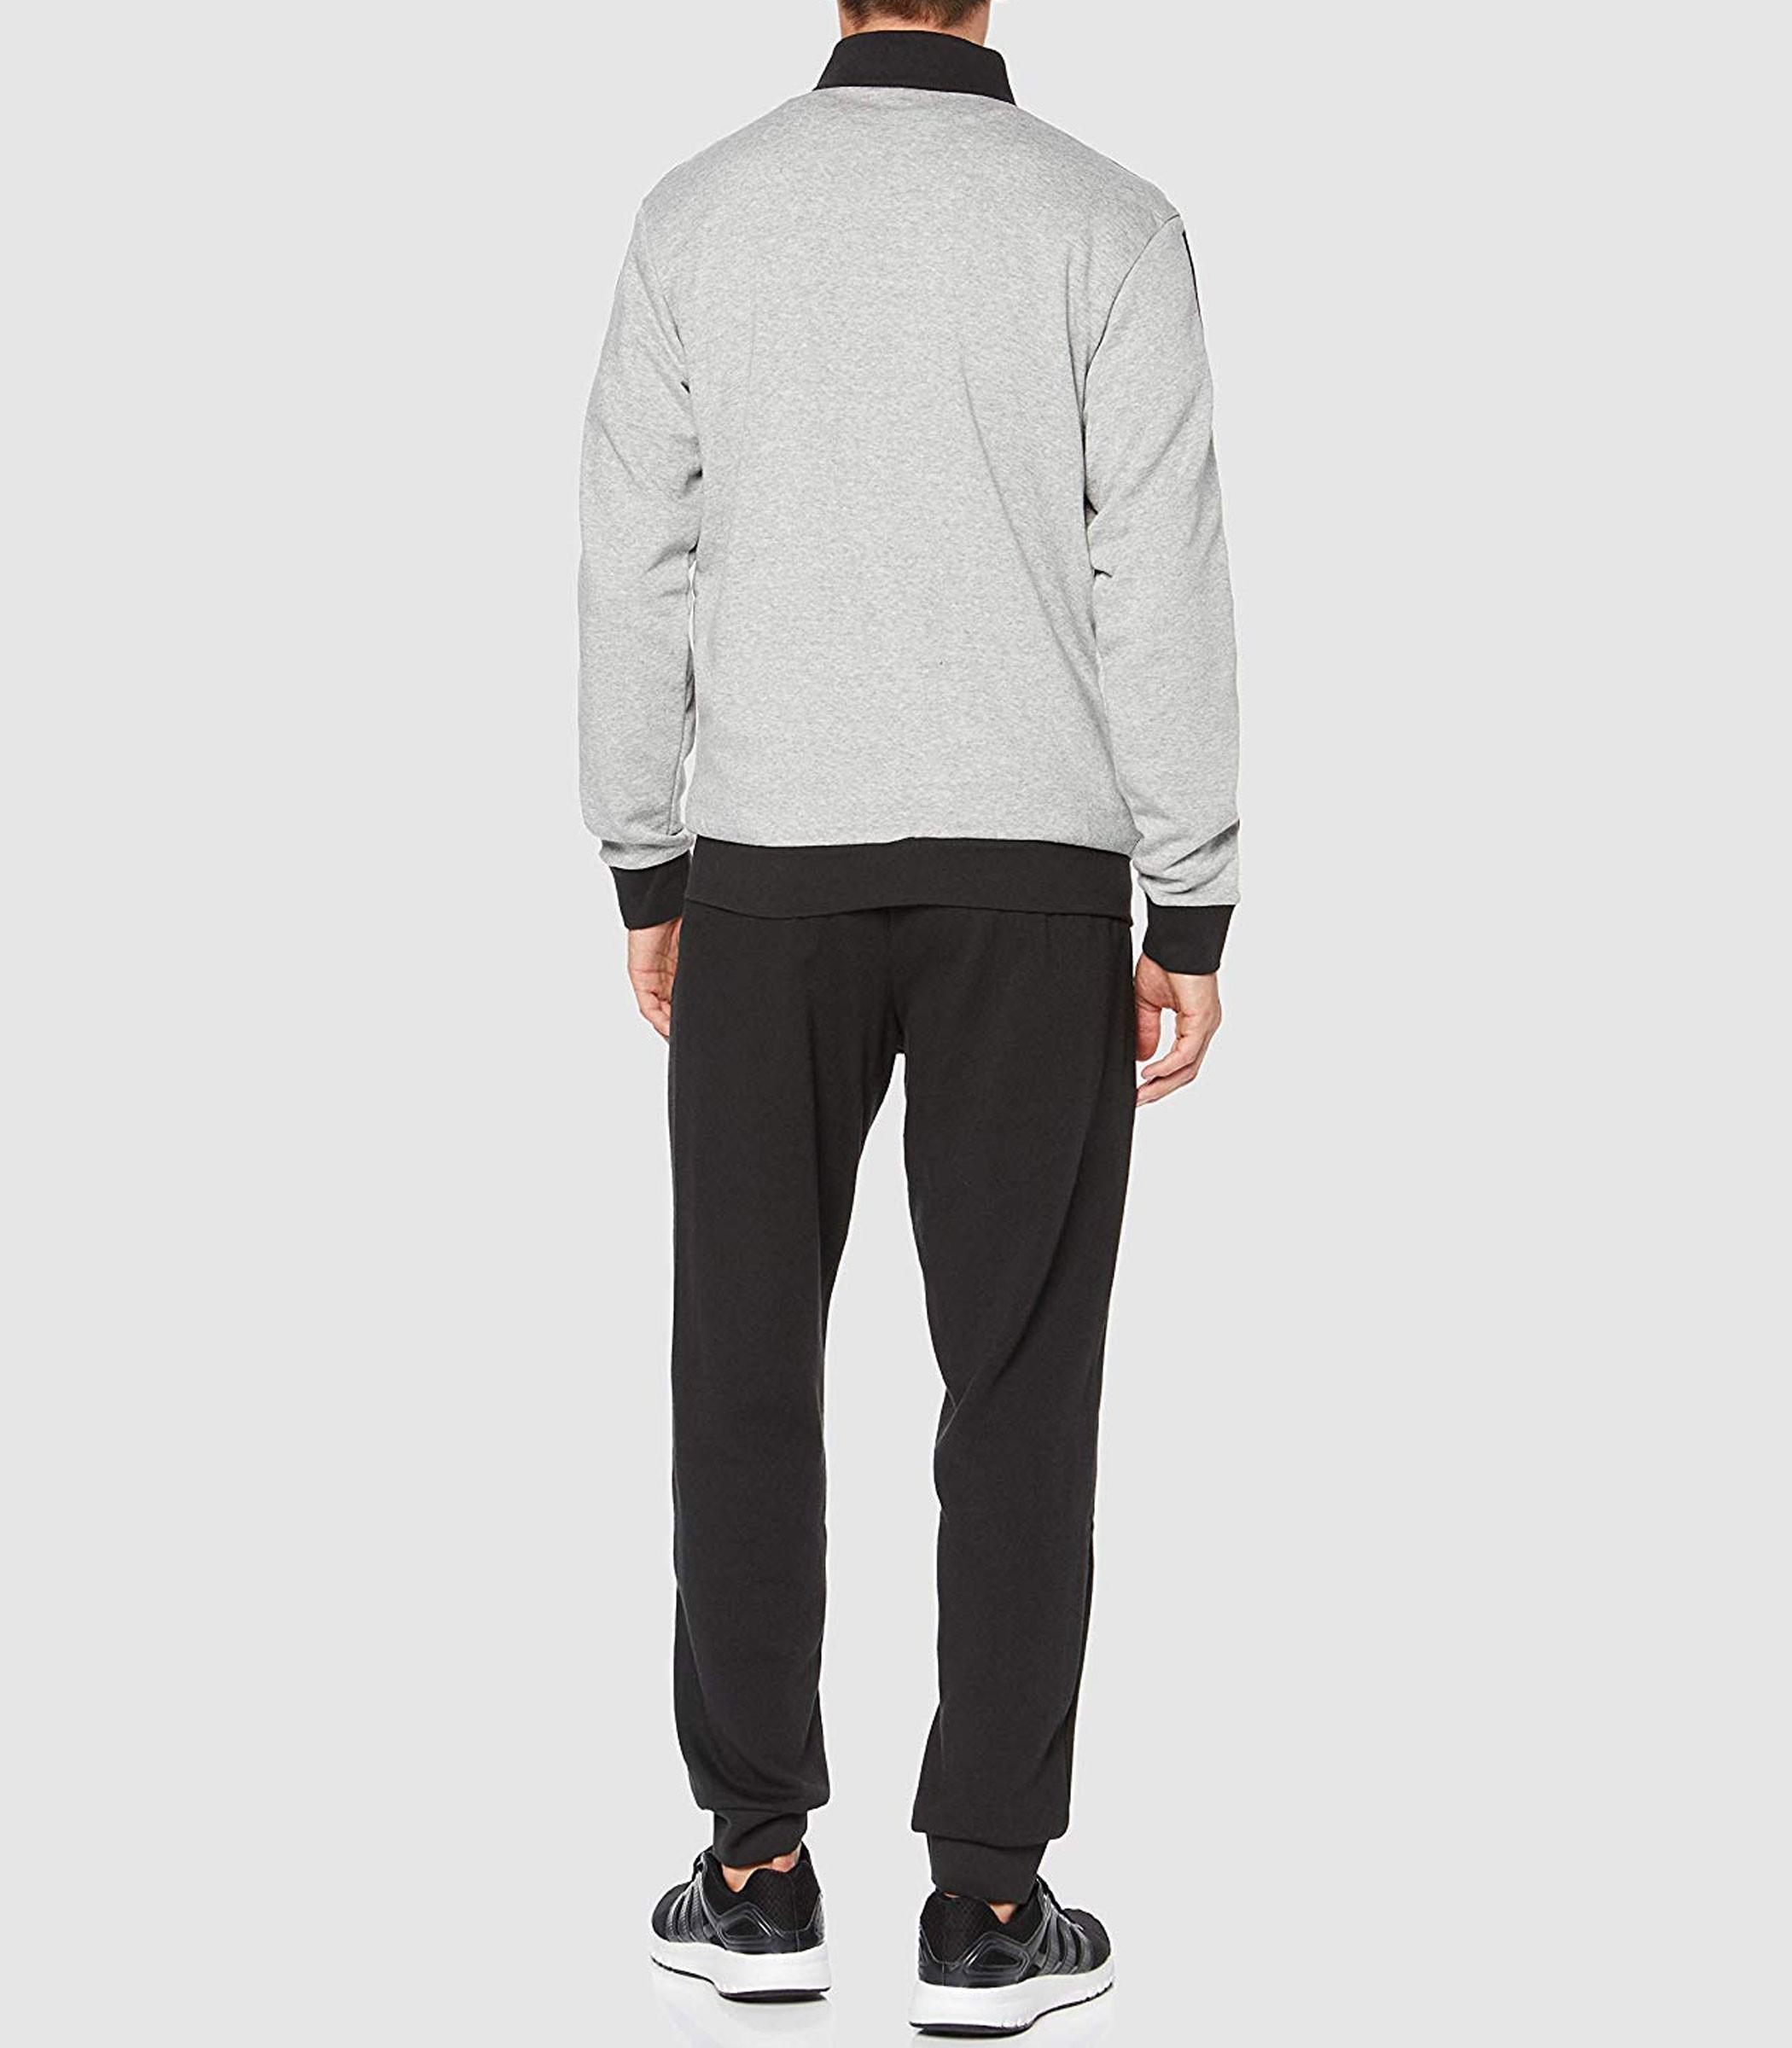 comprare on line 4bb71 b31d8 Tuta sportiva Adidas con felpa con zip e pantaloni da uomo ...